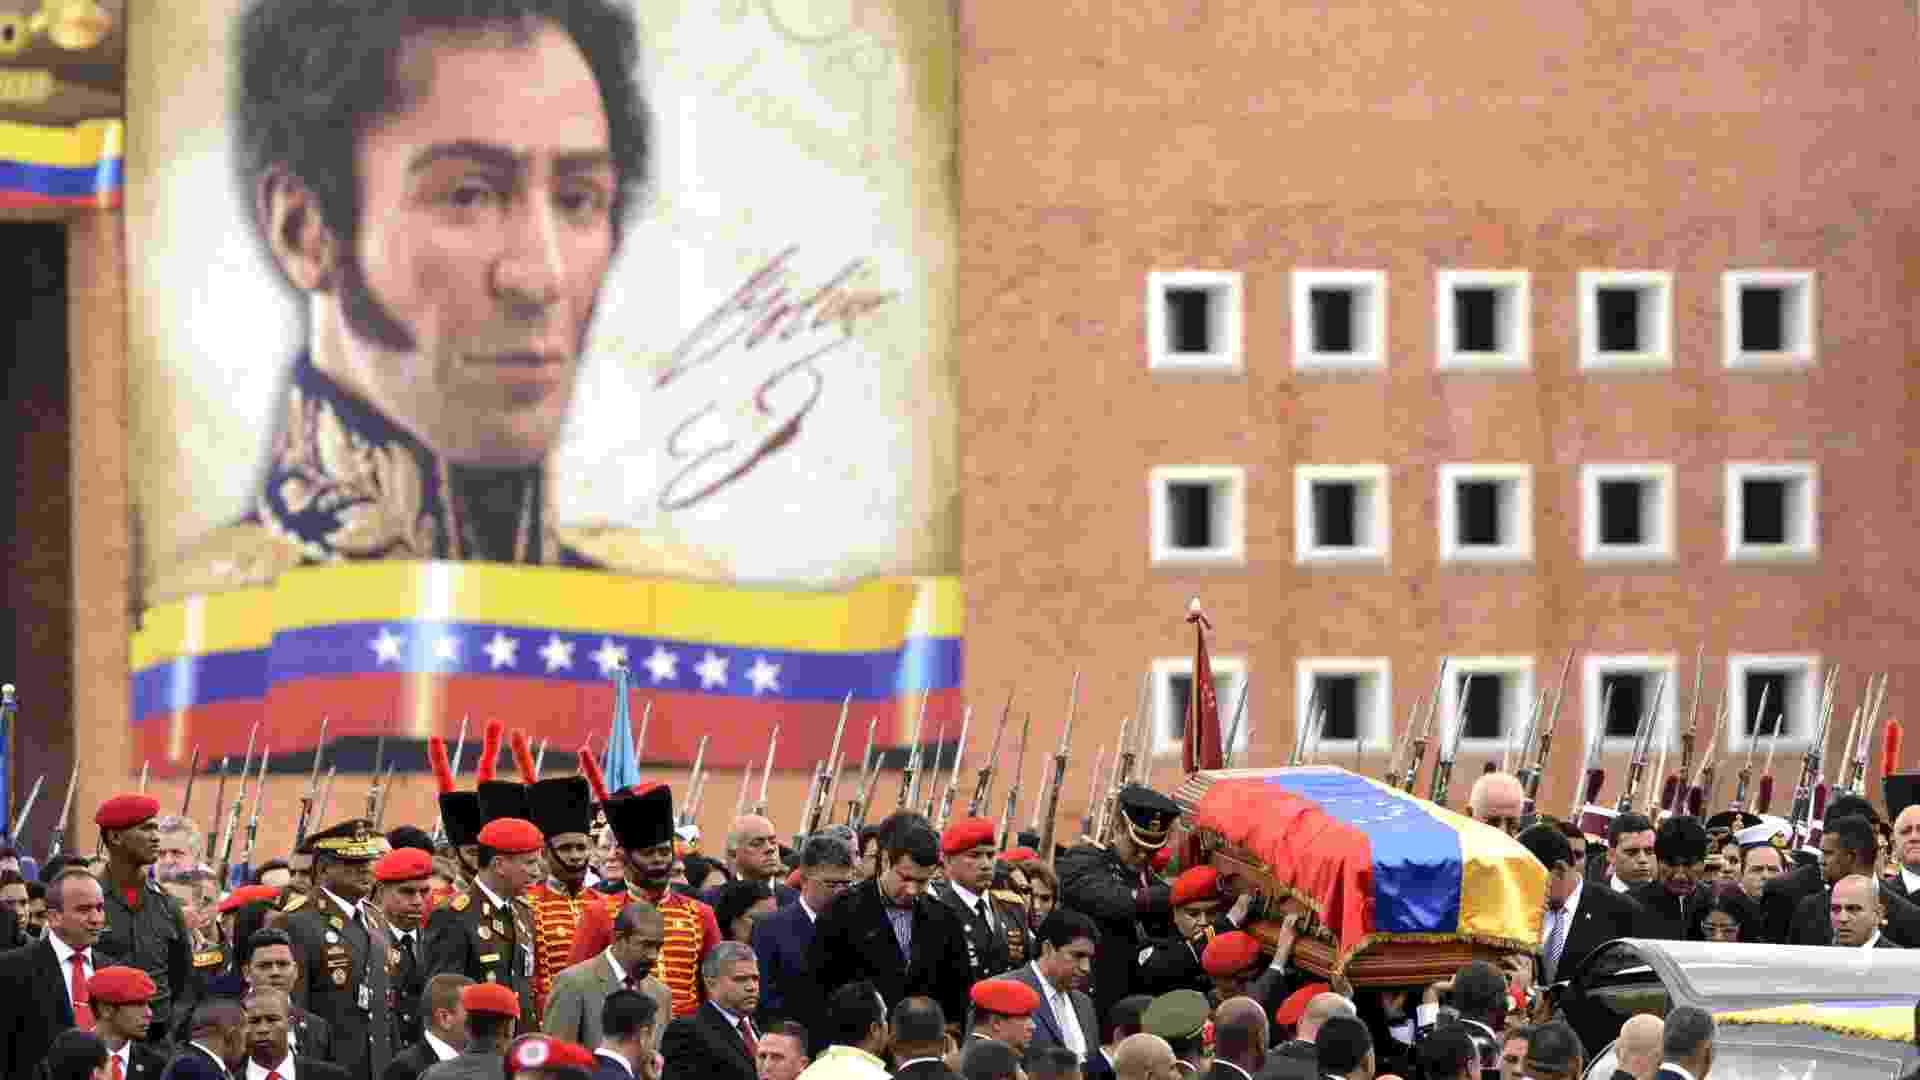 """15.mar.2013 - O caixão com o corpo do presidente Hugo Chávez, morto em 5 de março, é carregado durante o translado que o transportou da Academia Militar de Caracas até o Museu Histórico Militar, onde o governo da Venezuela anunciou a intenção de embalsamá-lo para ficar exposto ao público. Ao fundo, um mural estampa o rosto de Simón Bolívar, herói da independência venezuelana e ídolo de Chávez, que batizou em sua homenagem o movimento político do """"bolivarianismo"""" - Leo Ramirez/AFP"""